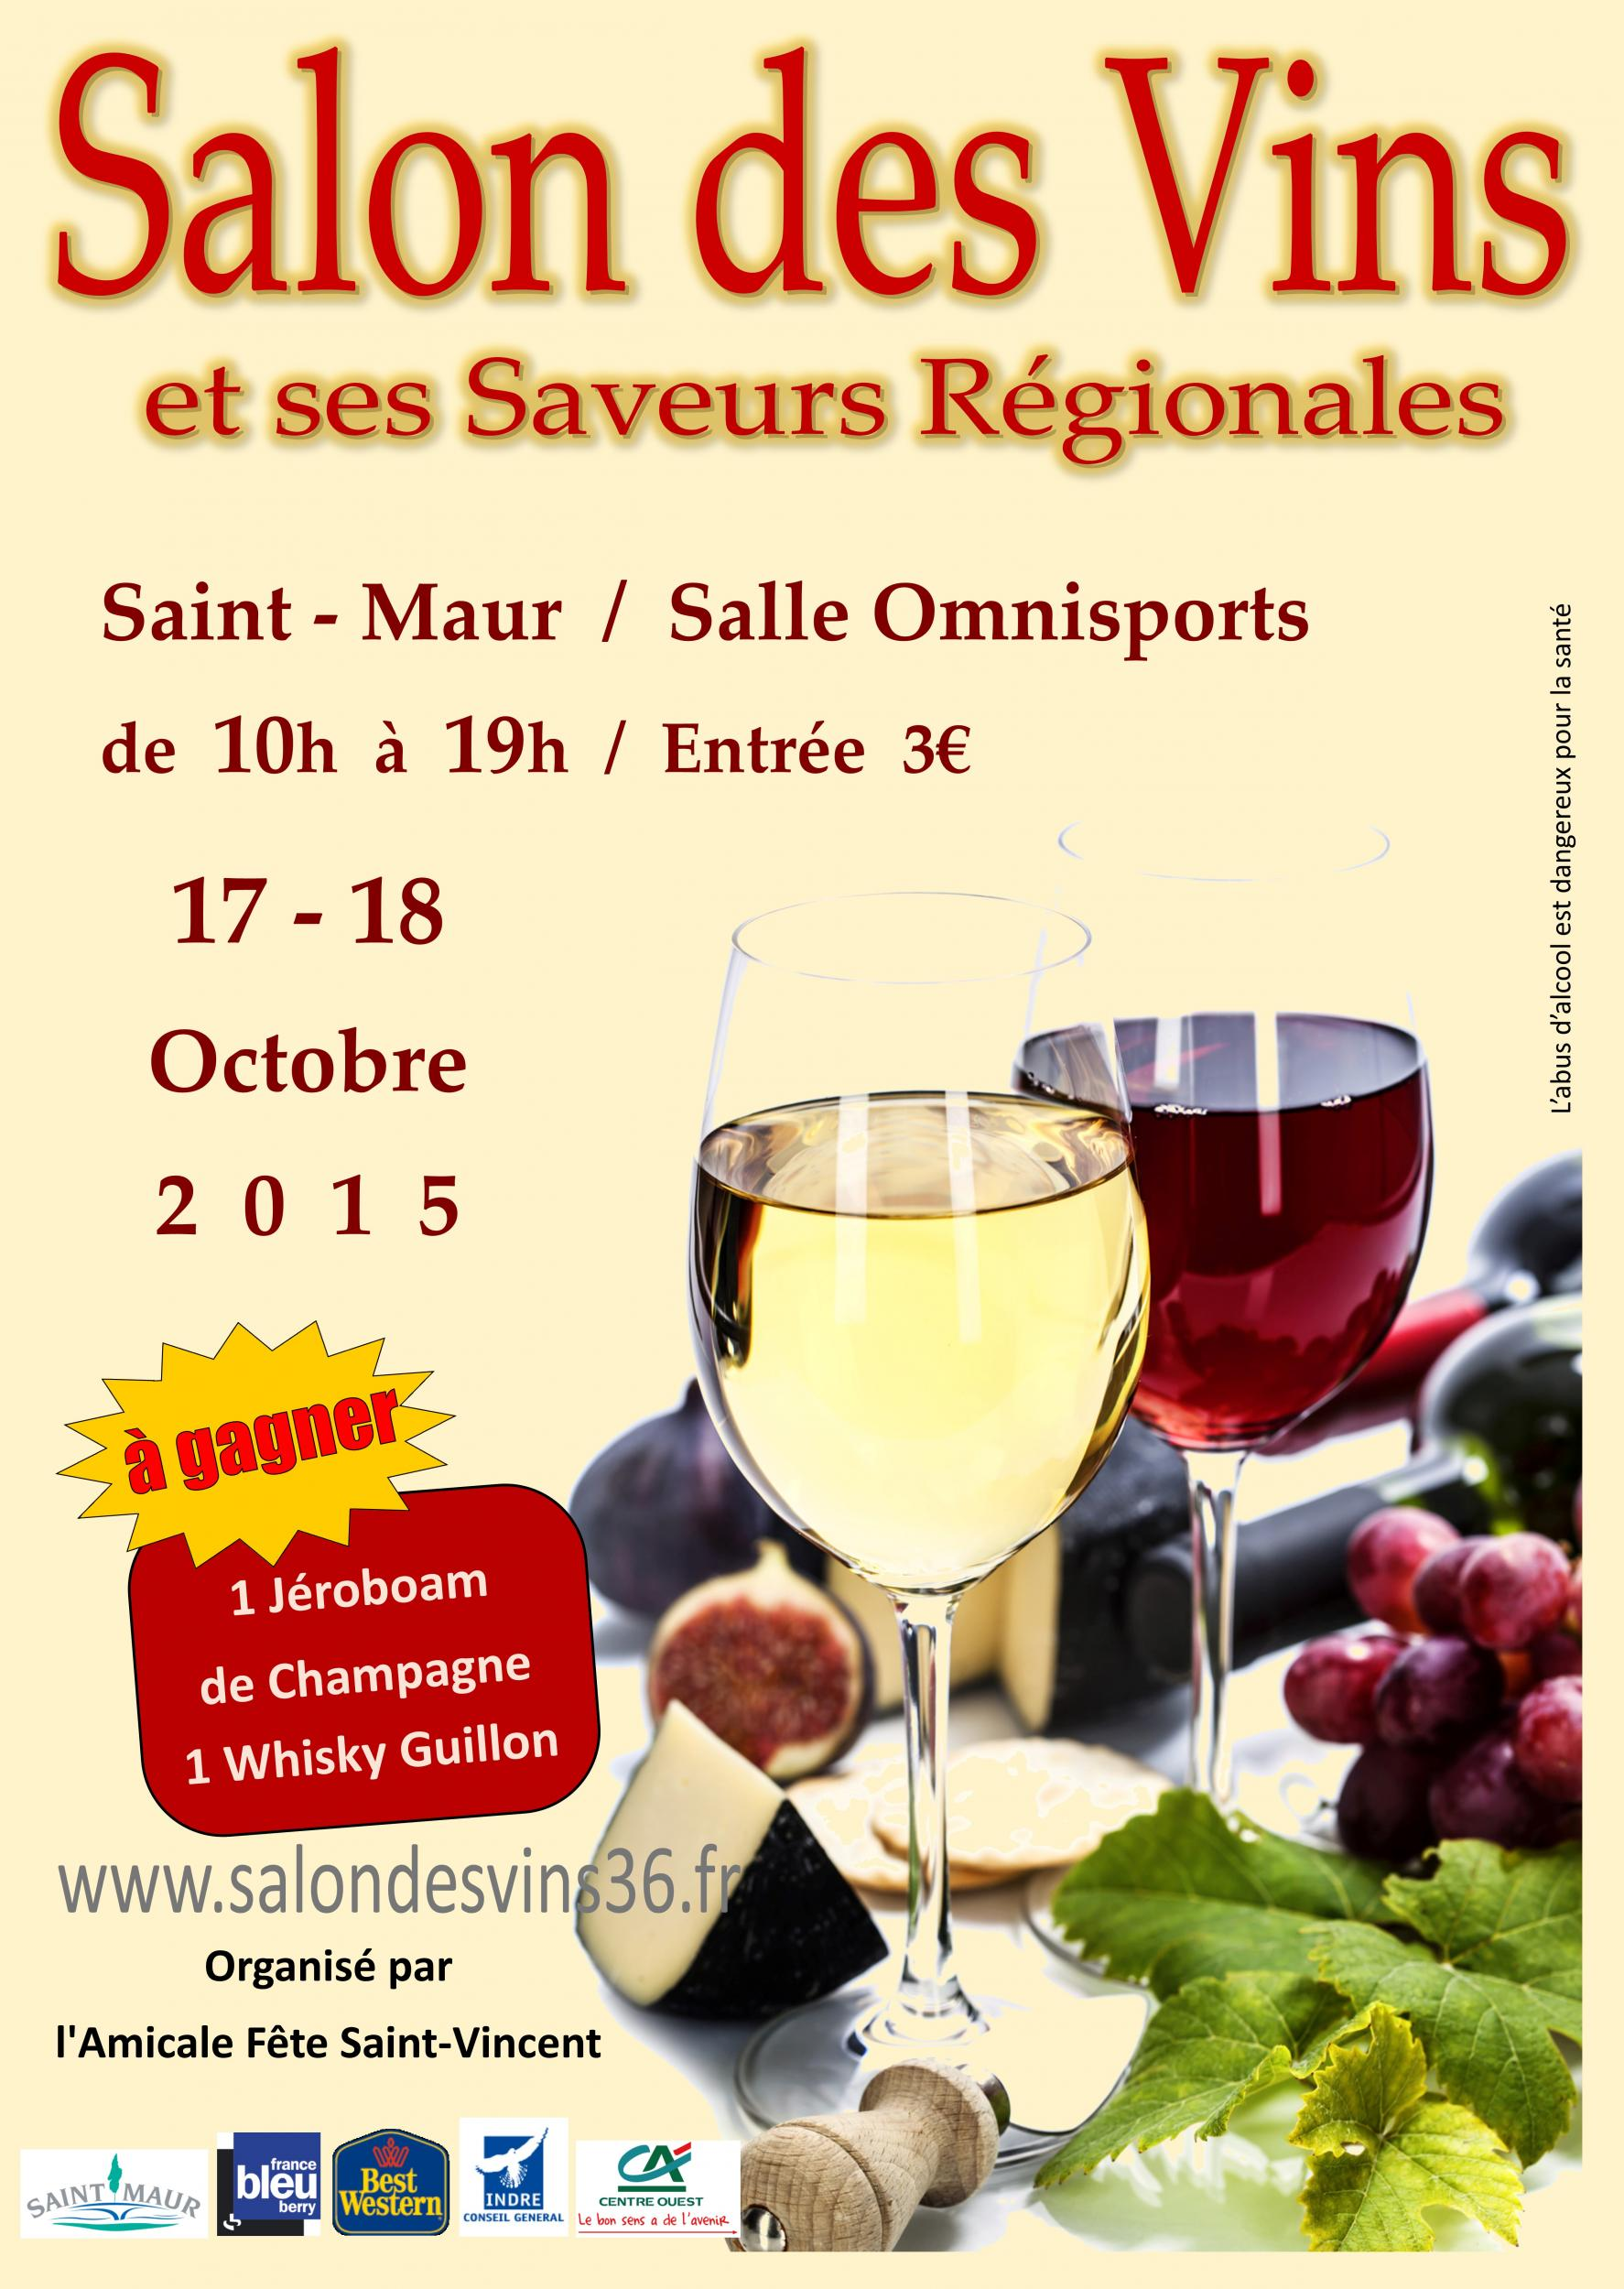 Salon des vins et ses saveurs r gionales 2015 mon viti - Salon des vins ampuis ...